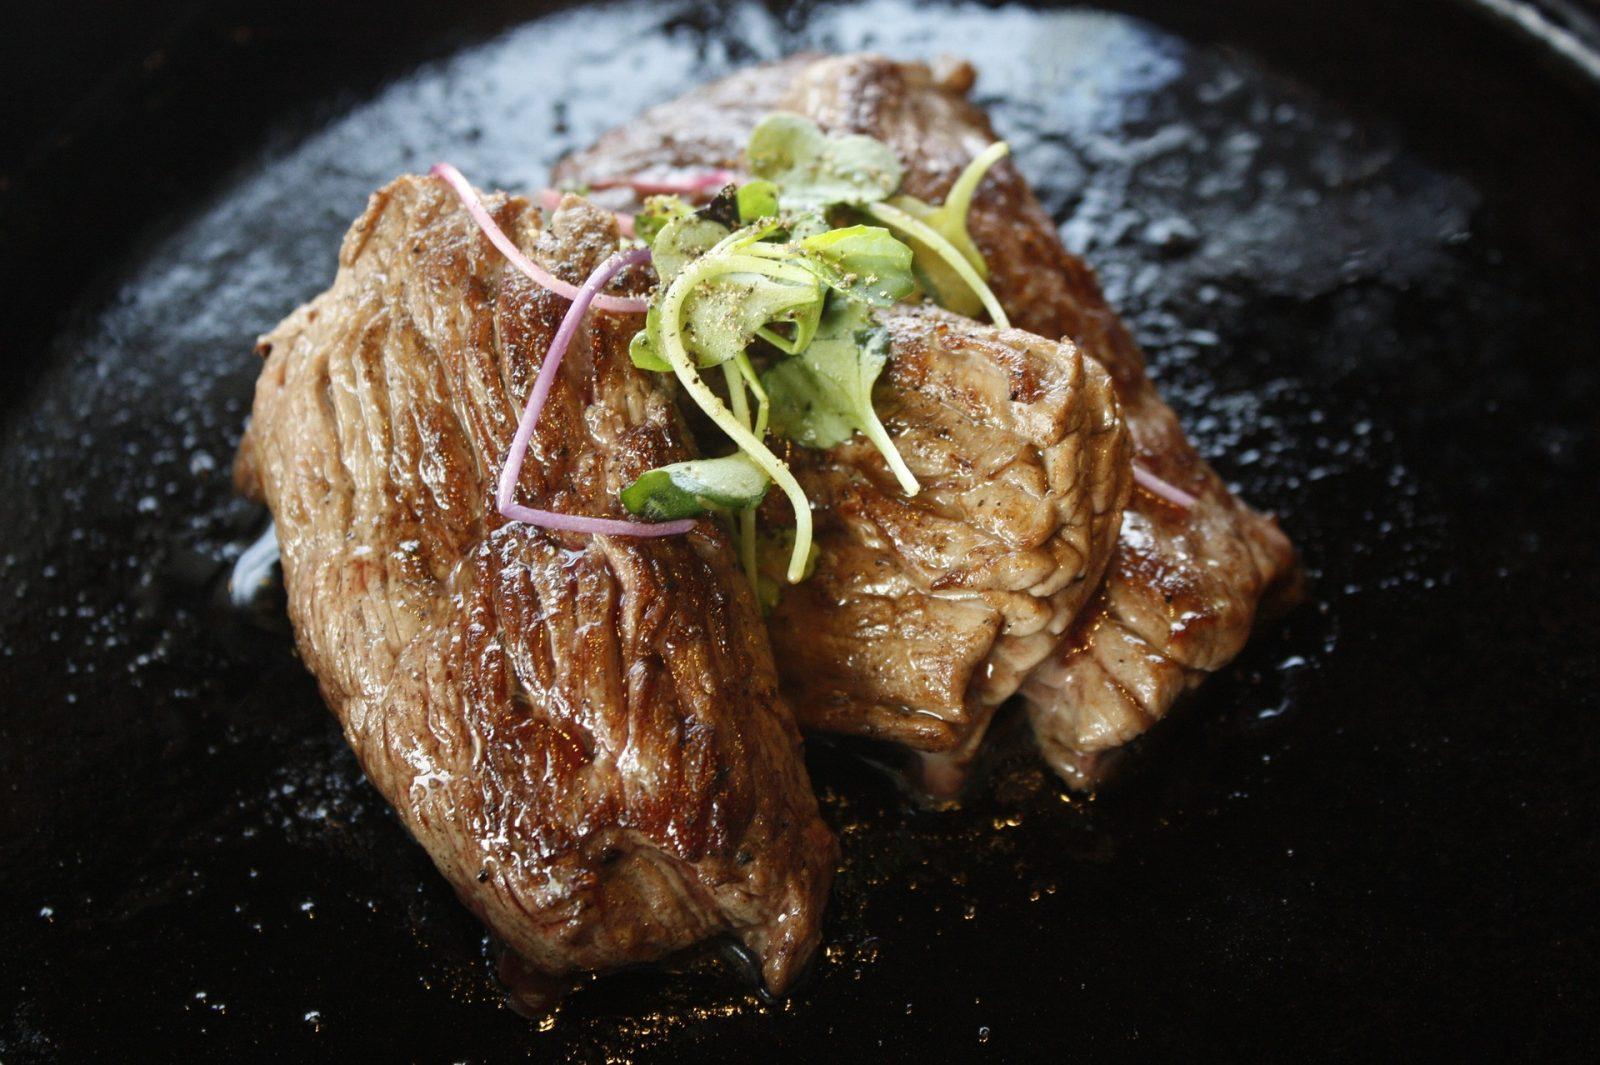 Warm Teriyaki Beef with Pea Shoots